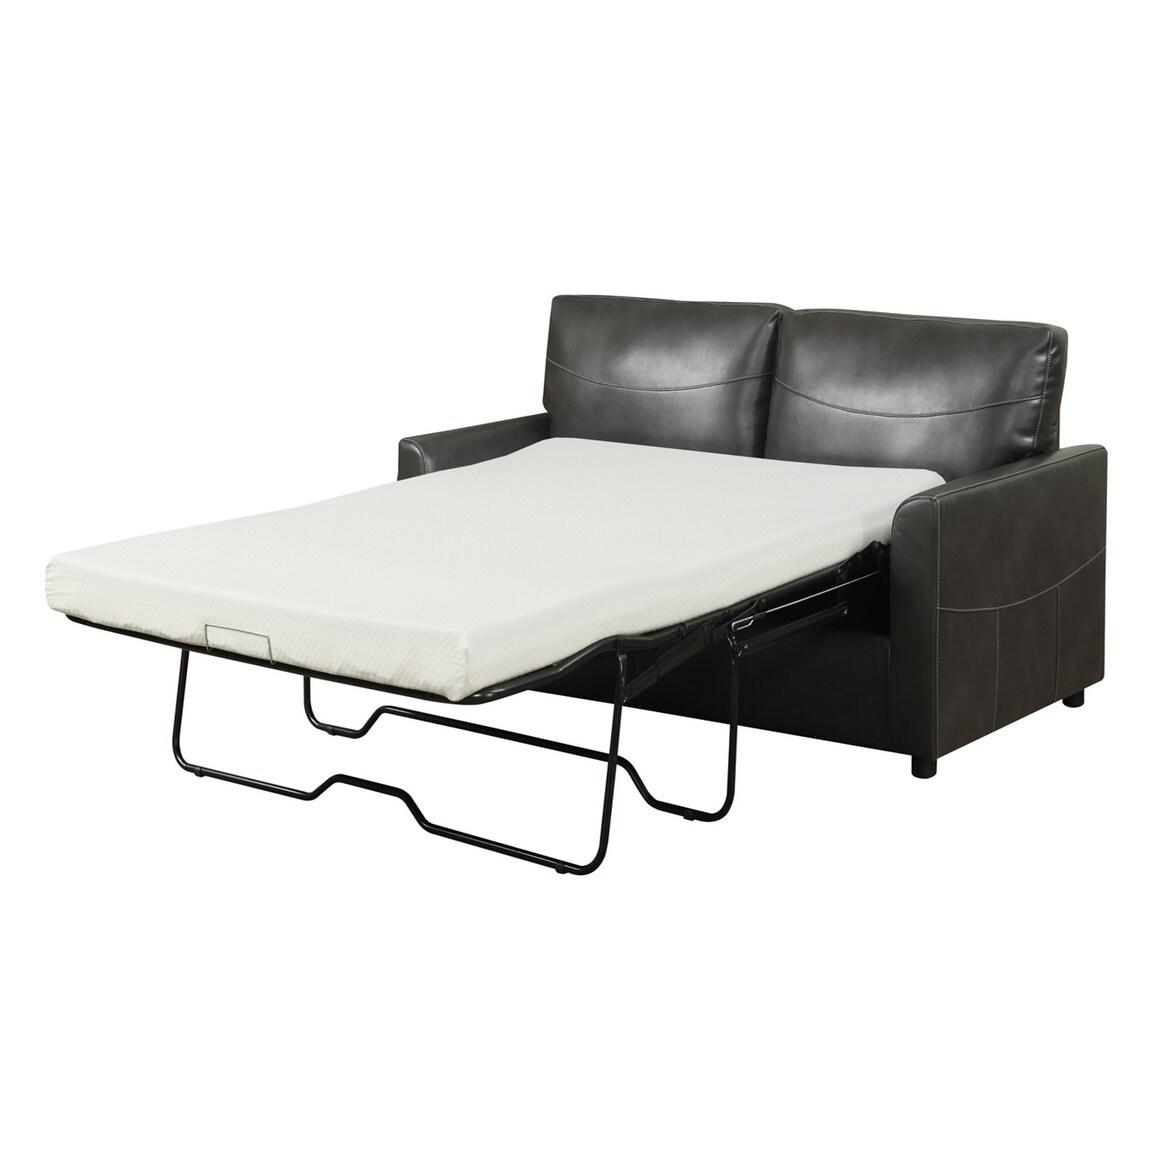 Fabulous Porch Den Guirado Queen Sleeper With Gel Foam Mattress Spiritservingveterans Wood Chair Design Ideas Spiritservingveteransorg